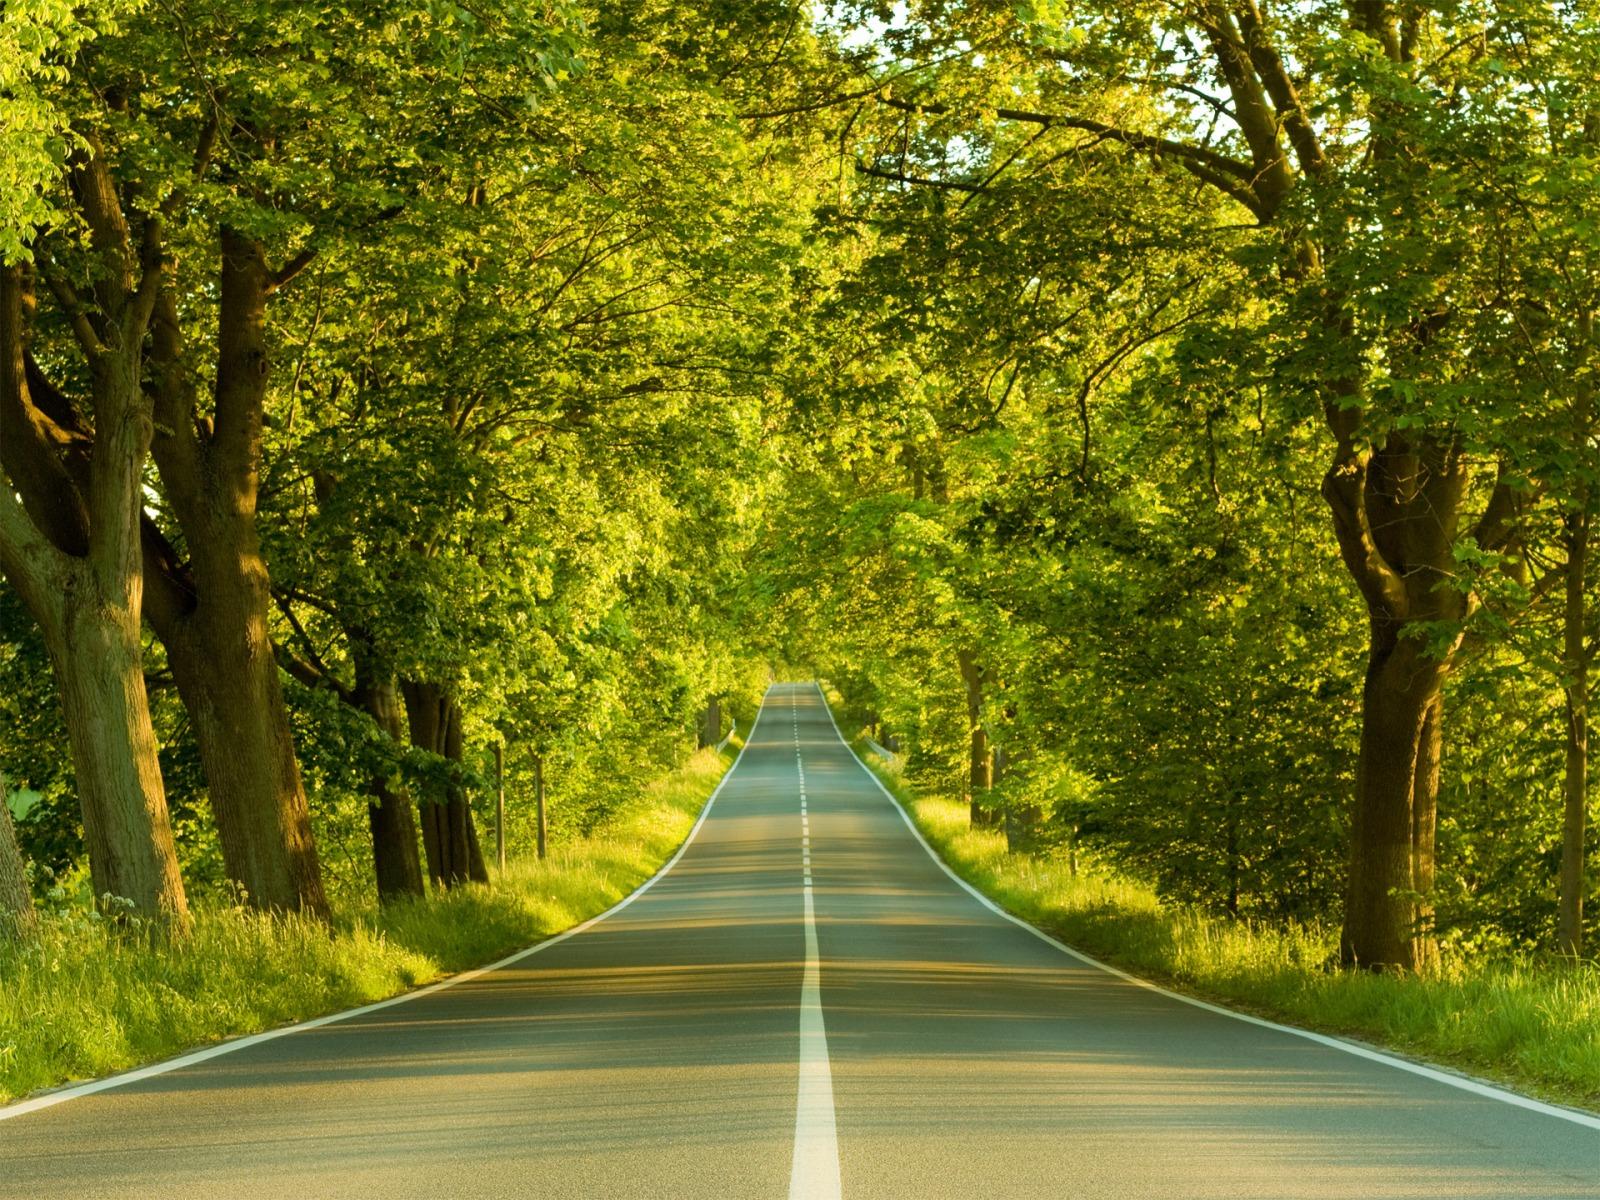 حفظ-طبیعت-وظیفه-طبیعت-گردان-و-مسافران-نوروزی